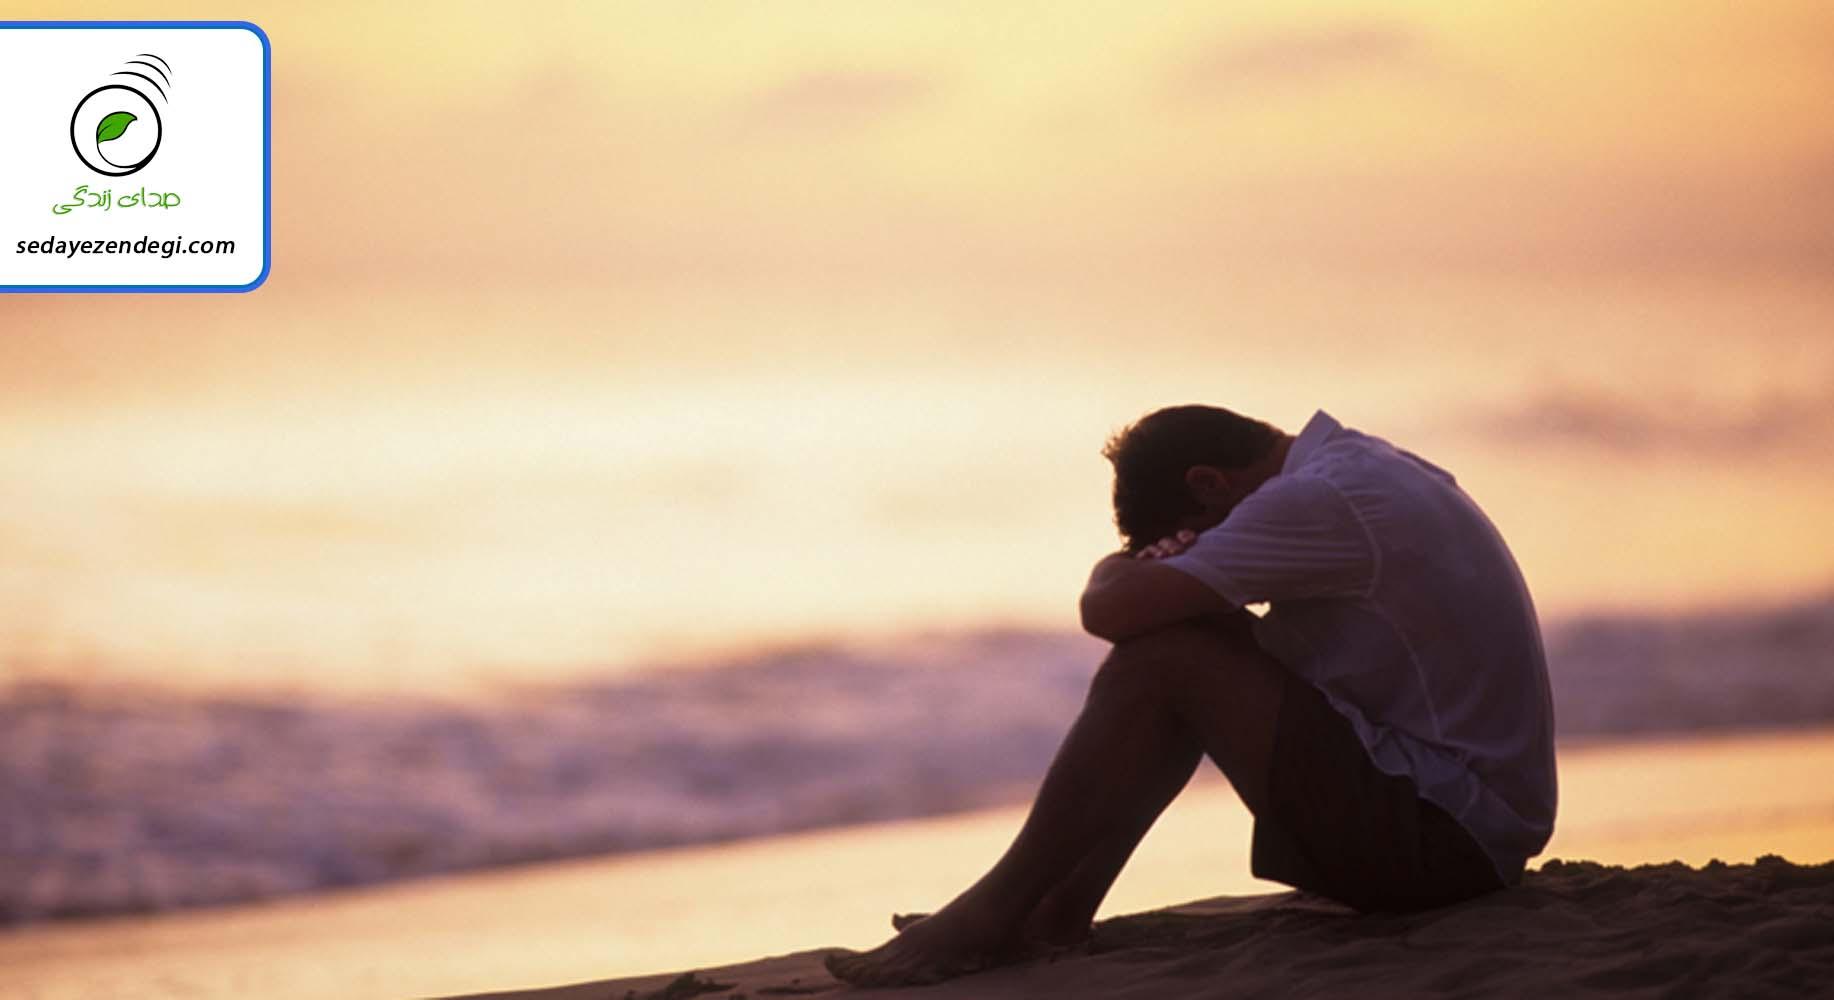 ۱۲ عبارتی که هرگز نباید به افراد افسرده بگویید